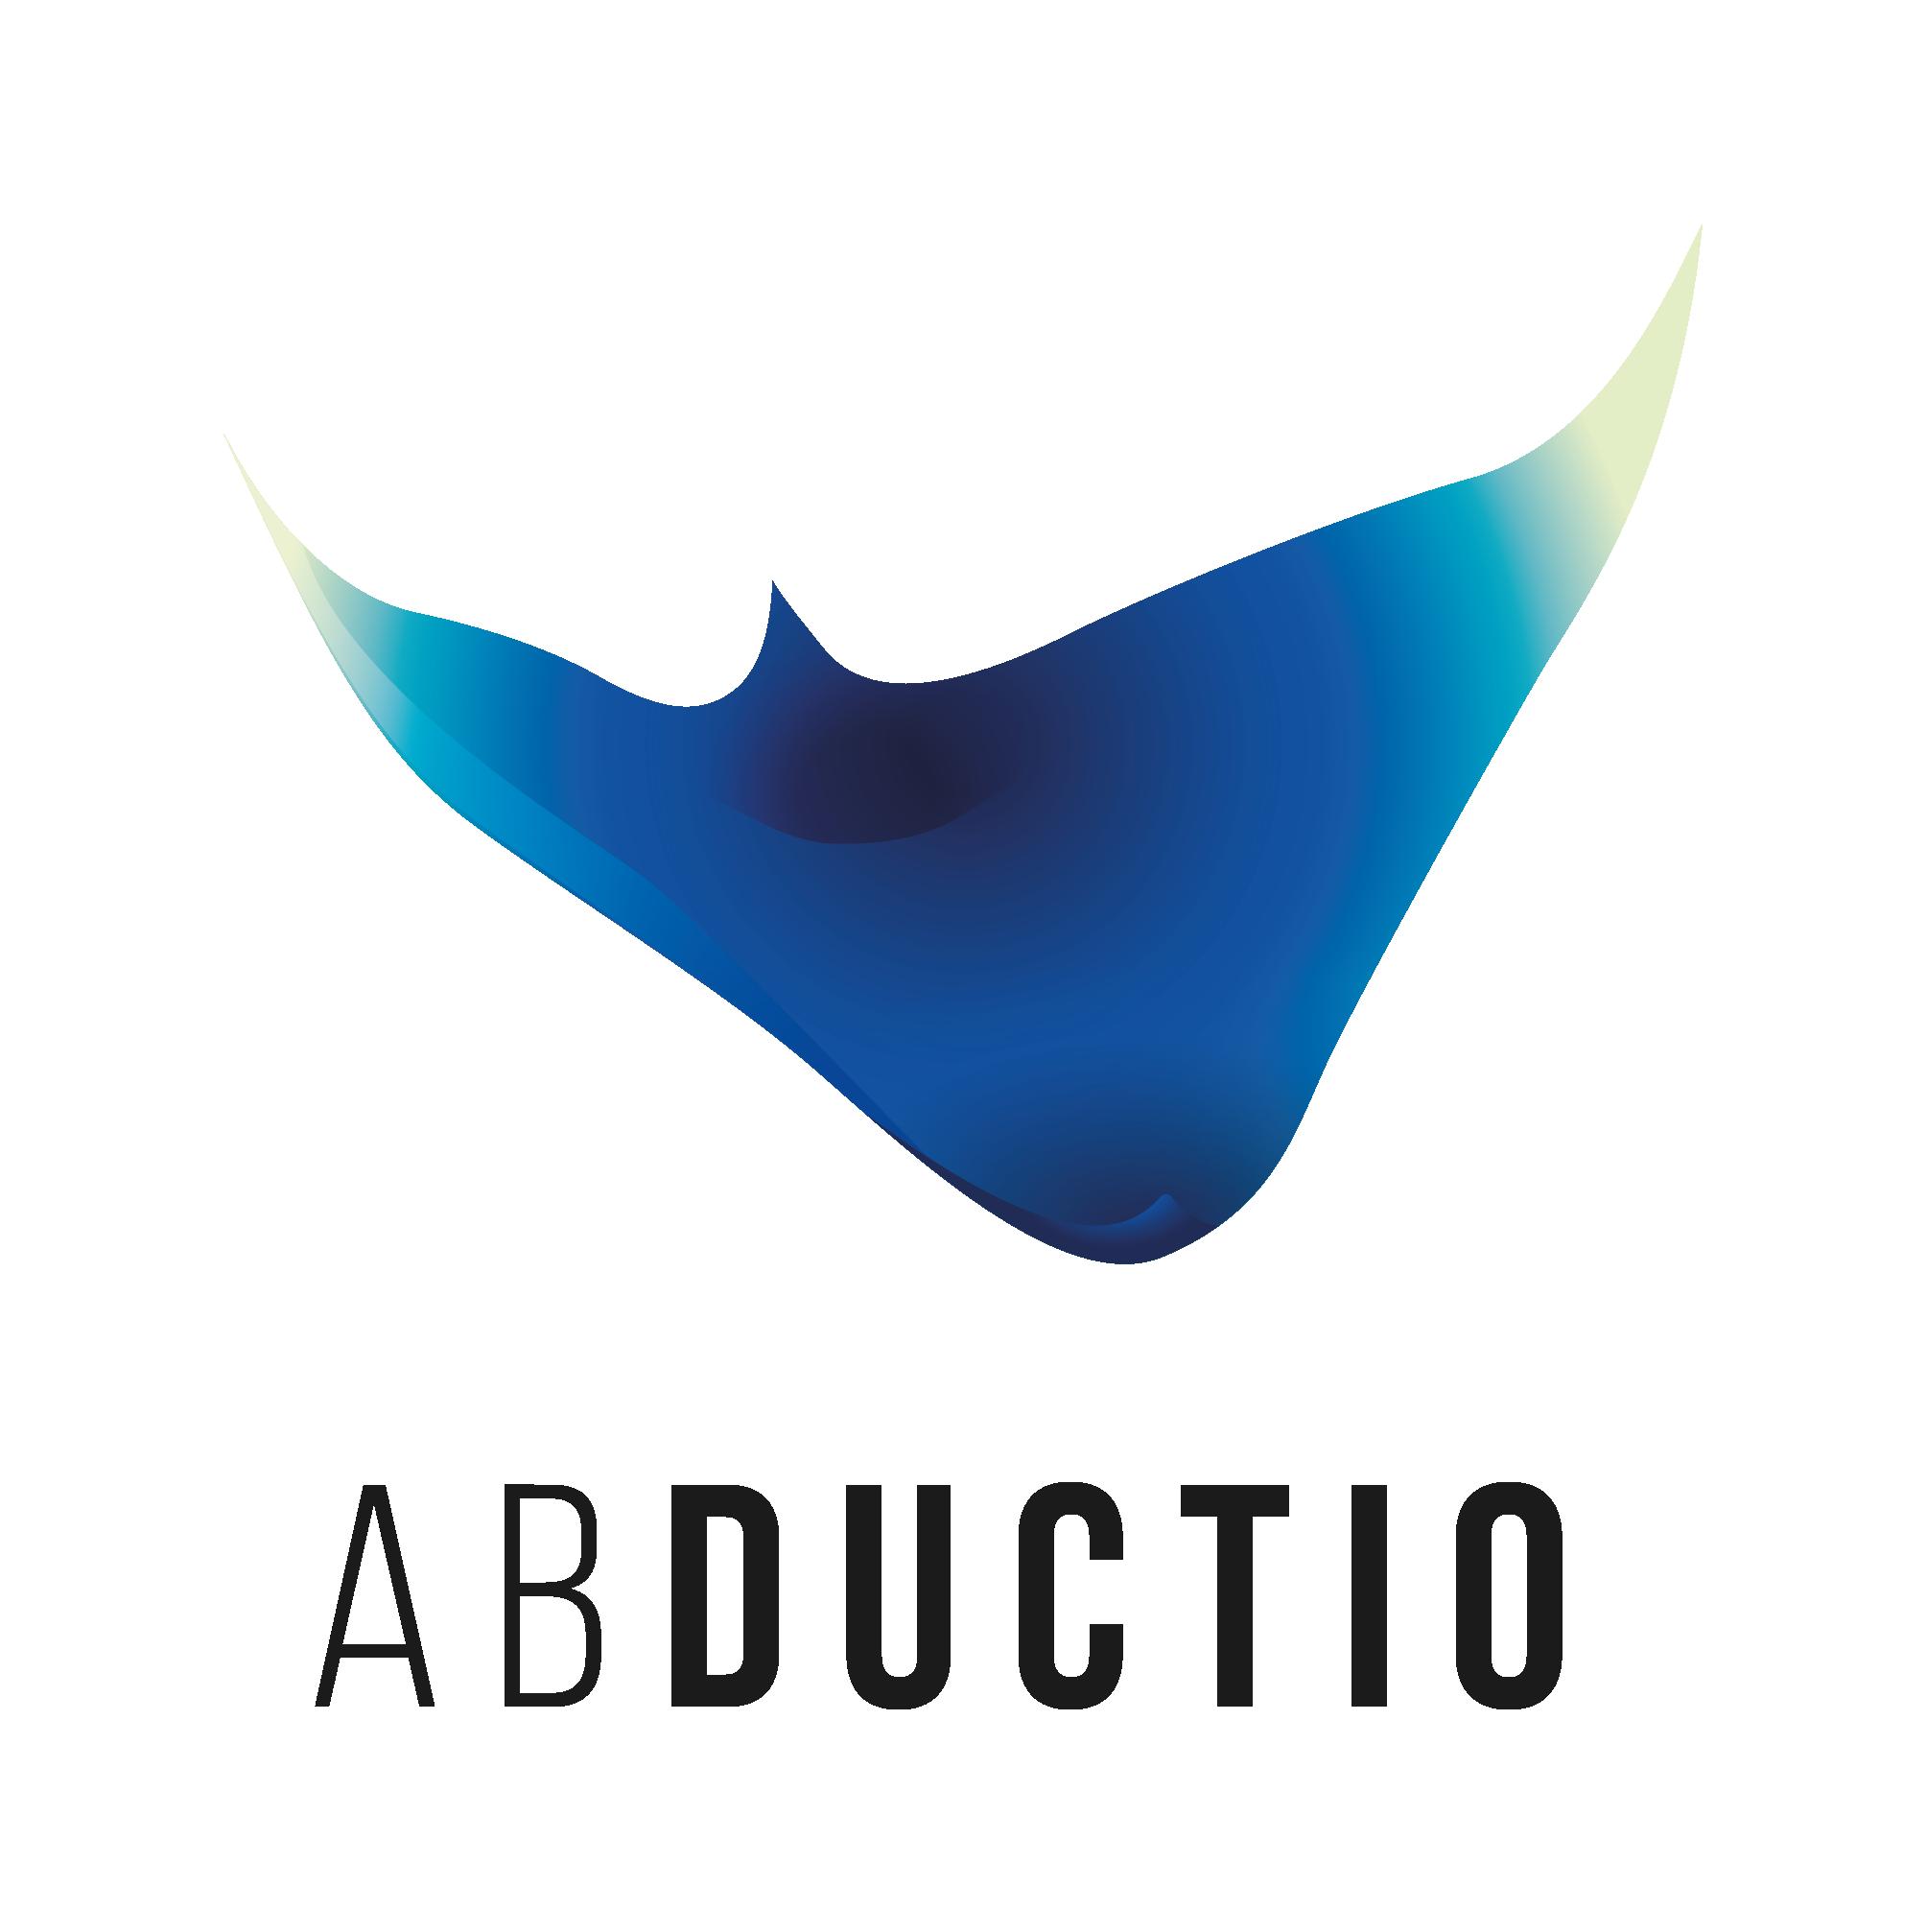 ABDUCTIO